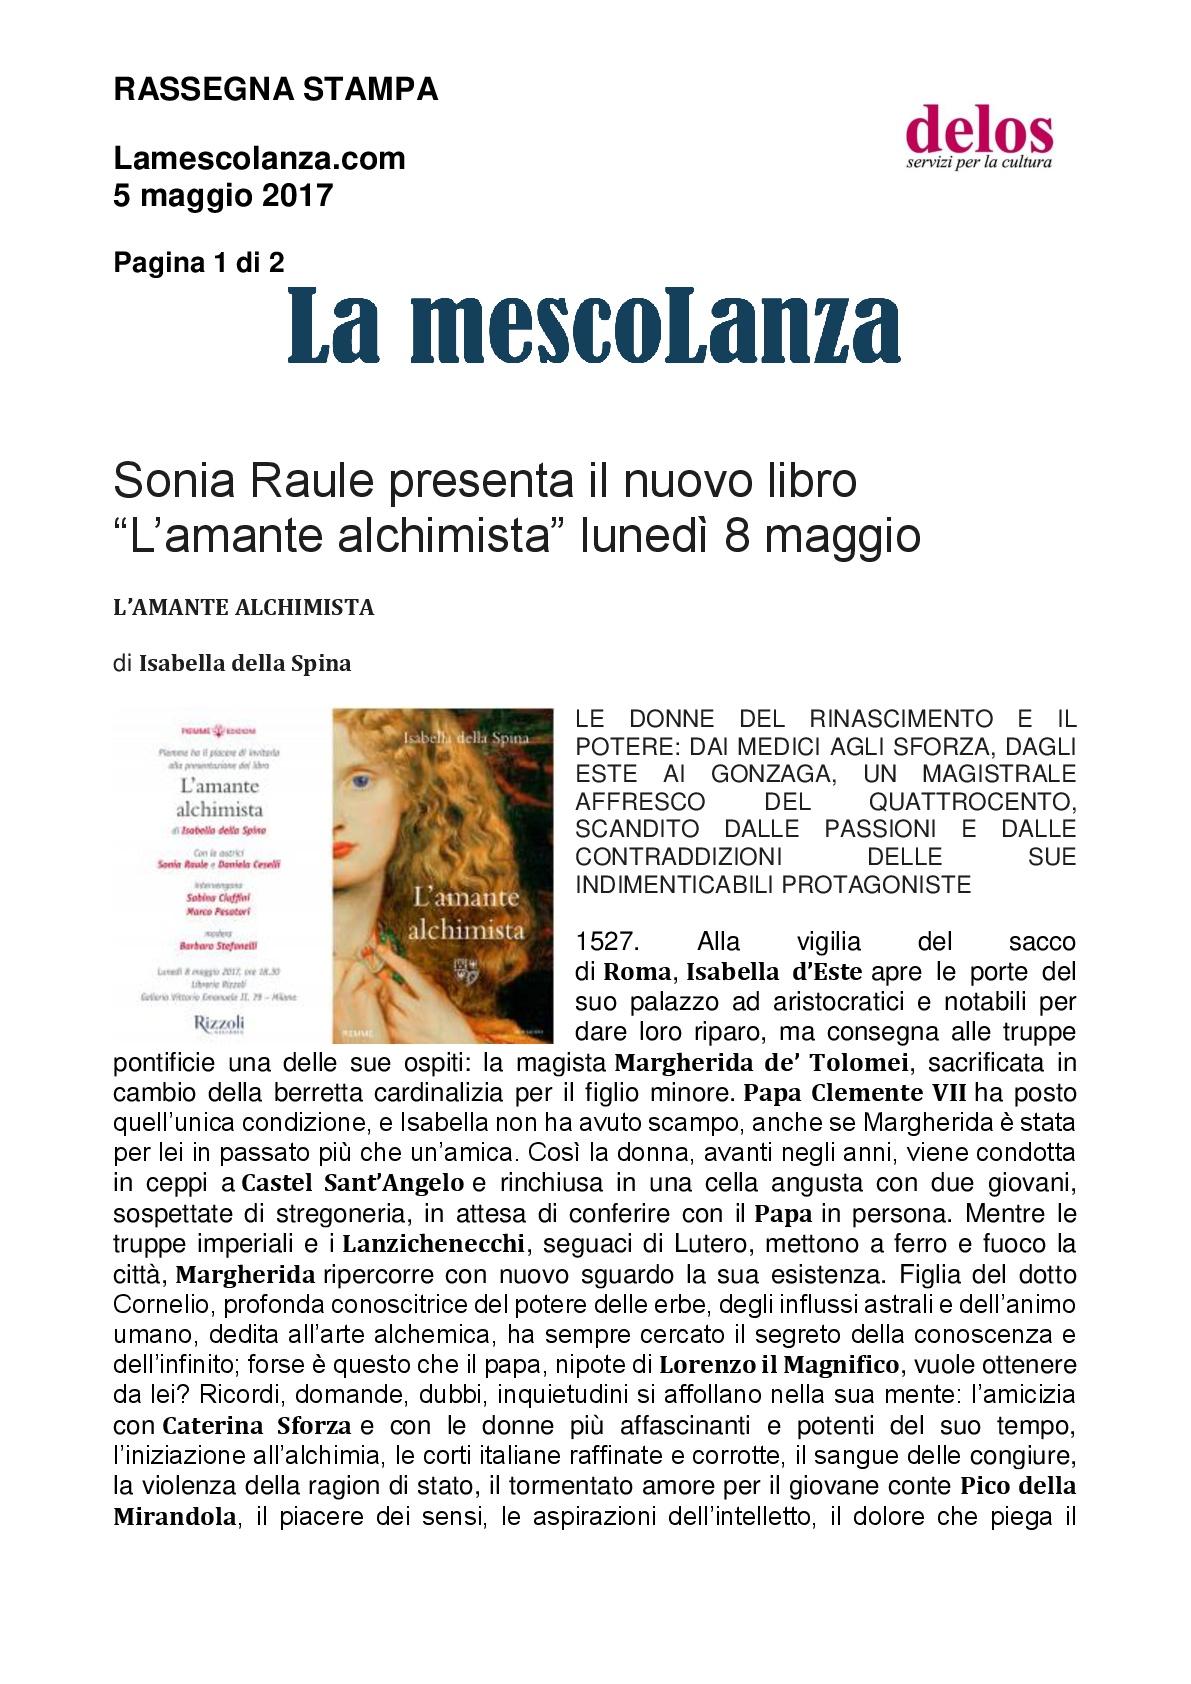 Lamescolanza.com 05-05-2017 001